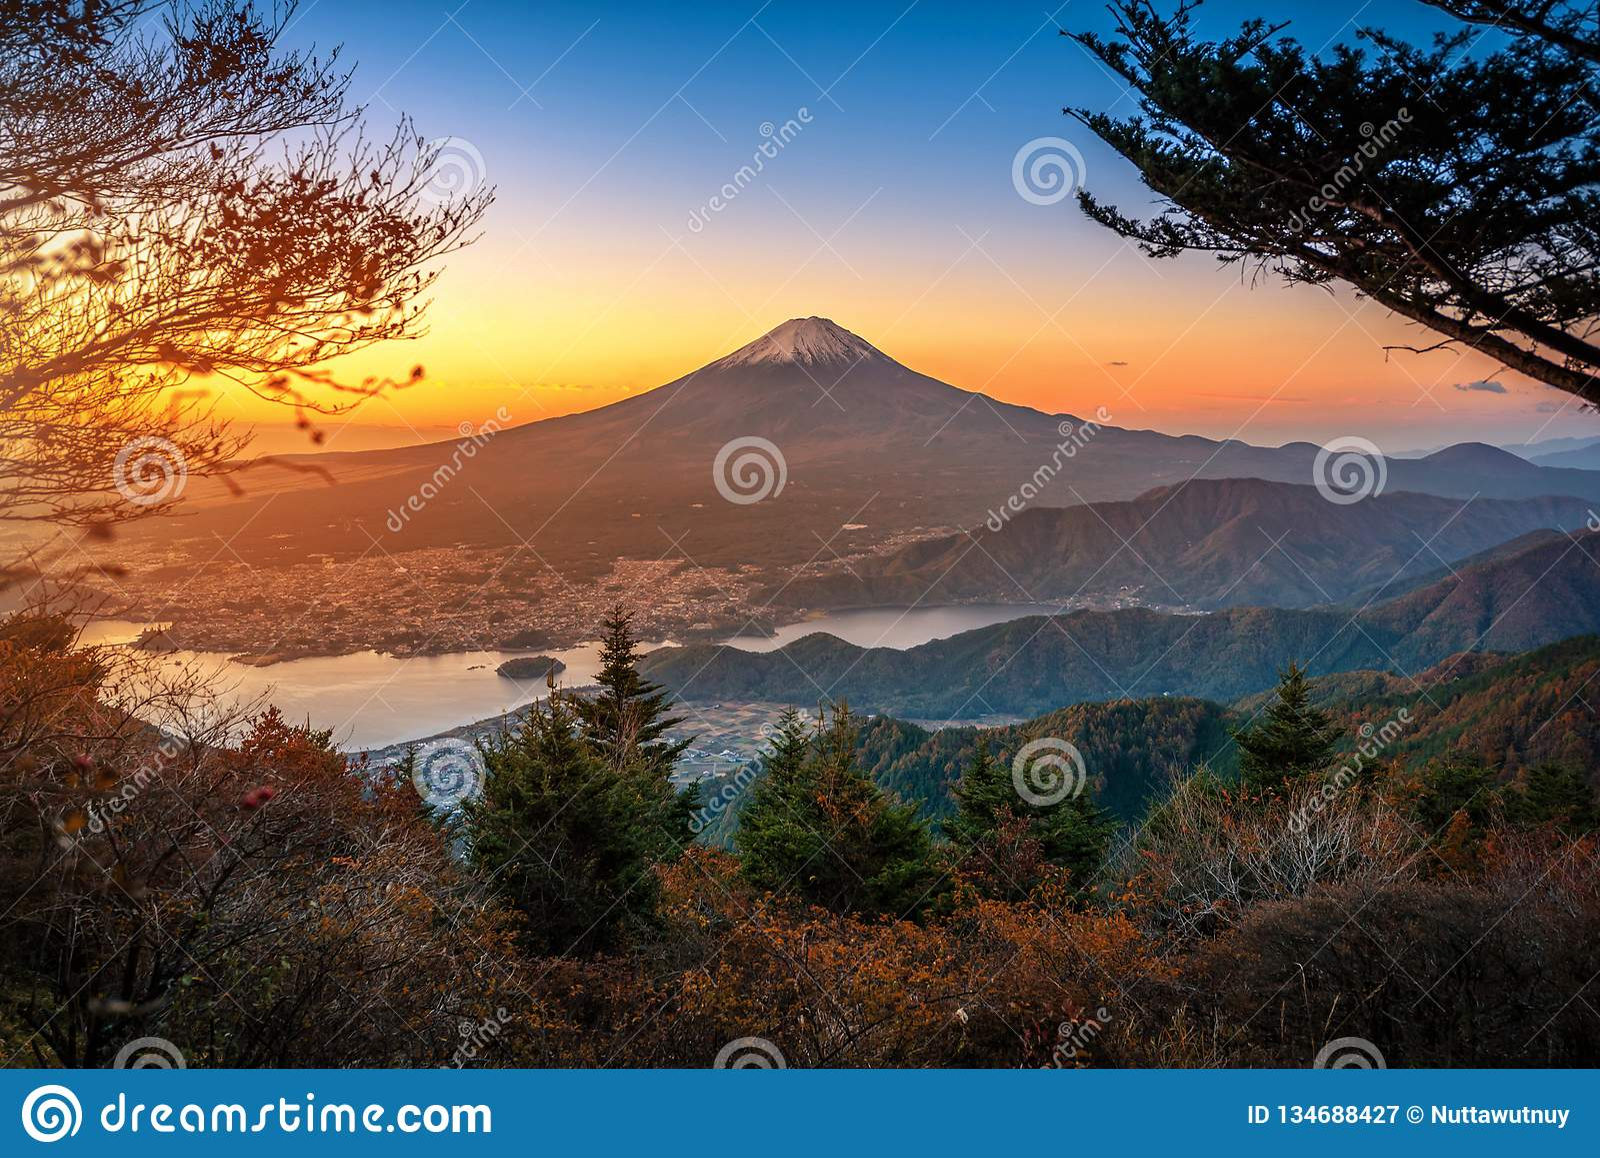 Mt Fuji nad Jeziornym Kawaguchiko z jesieni ulistnieniem przy wschód słońca w Fujikawaguchiko, Japonia